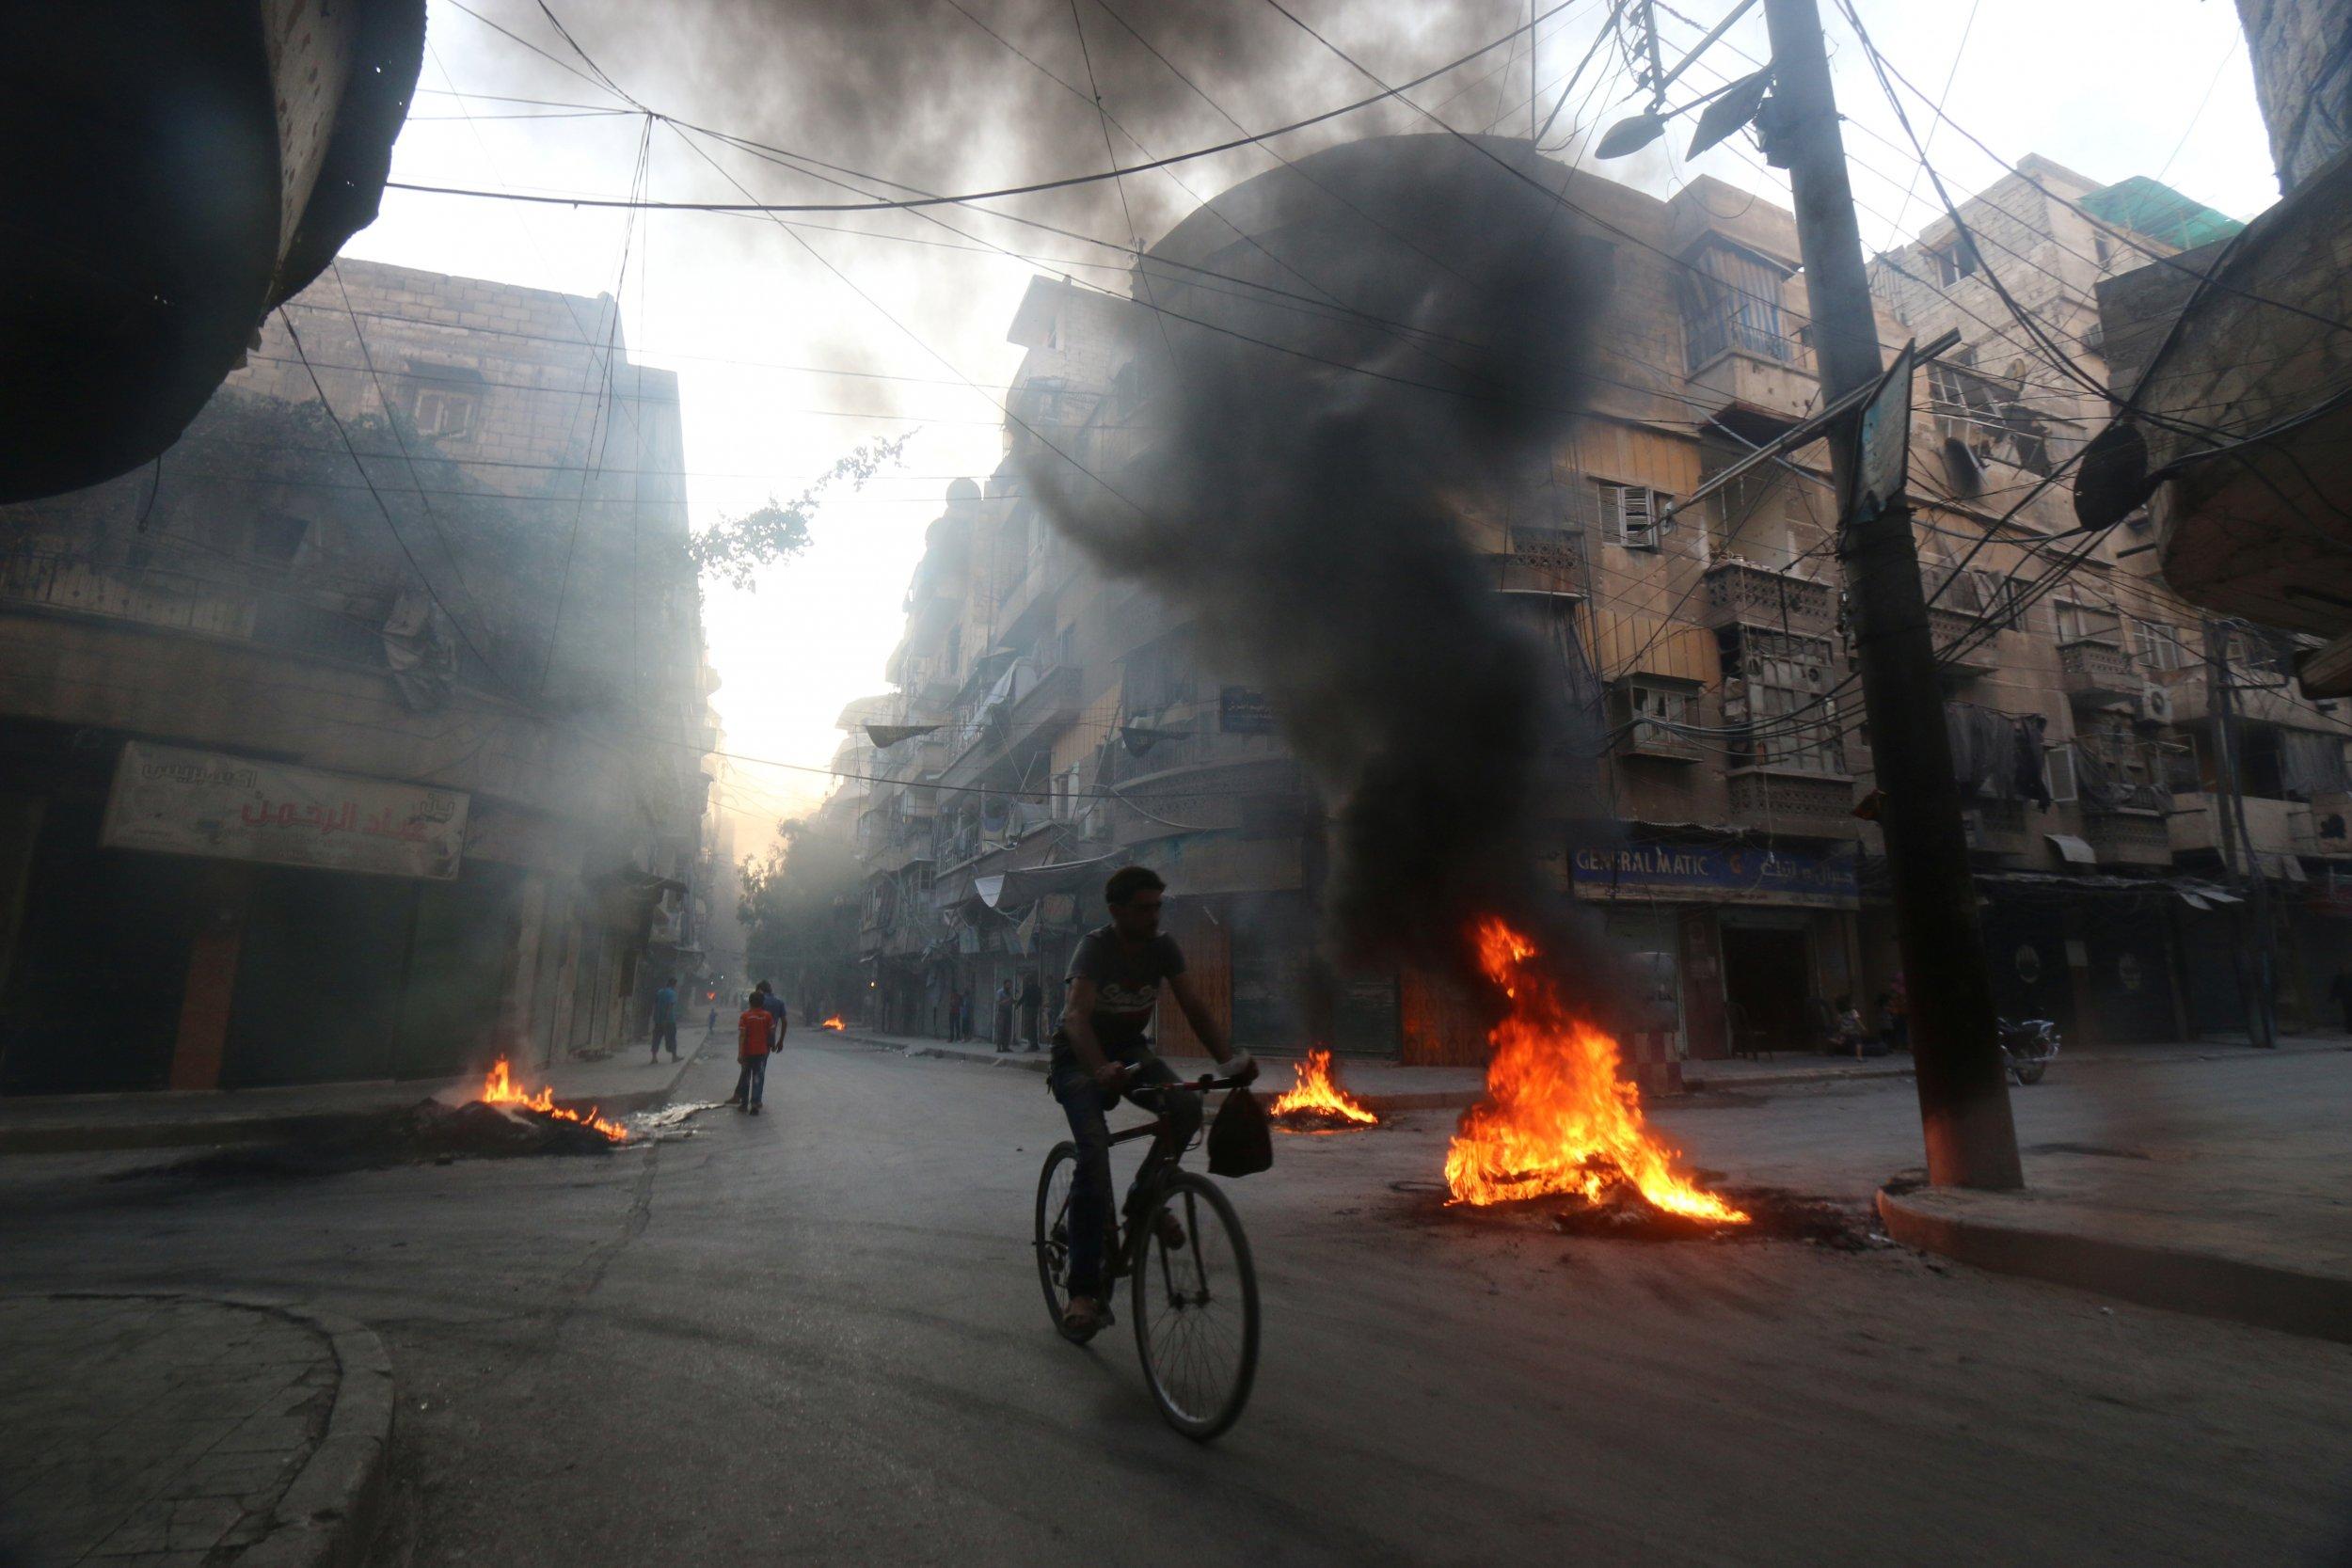 Tires burn in Aleppo